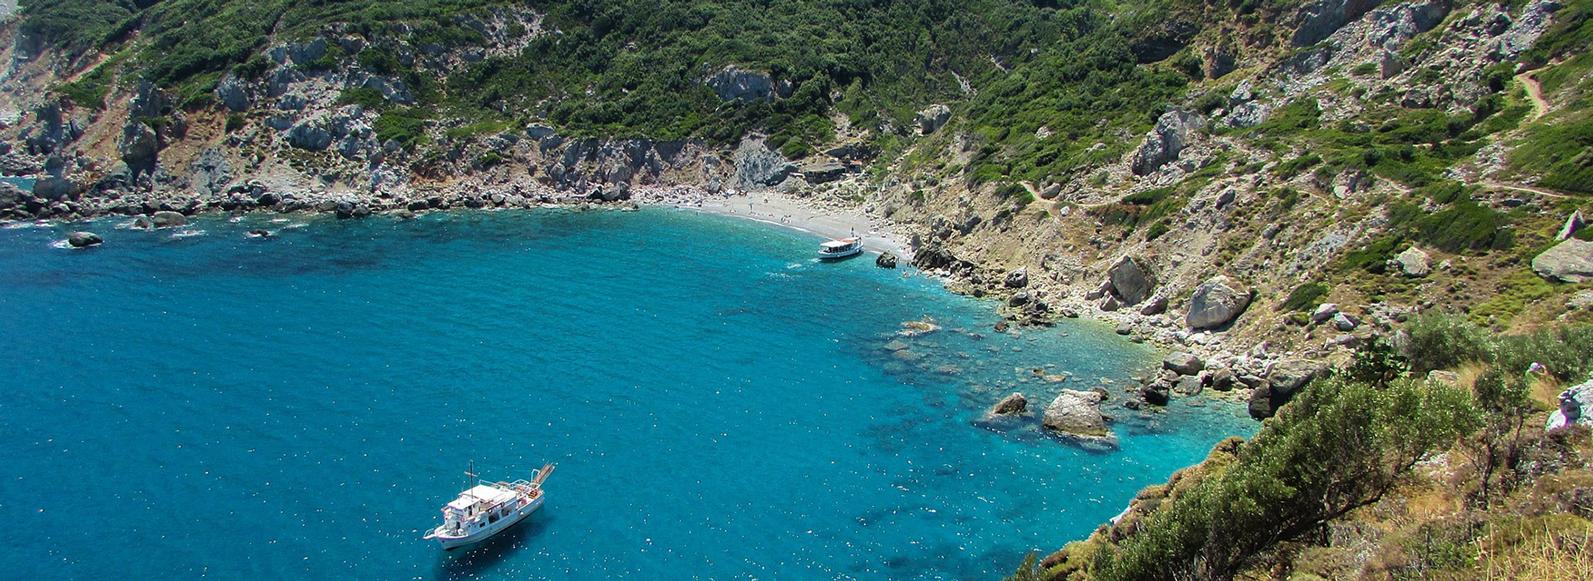 Zeilen in Griekenland: Skiathos, Sporaden